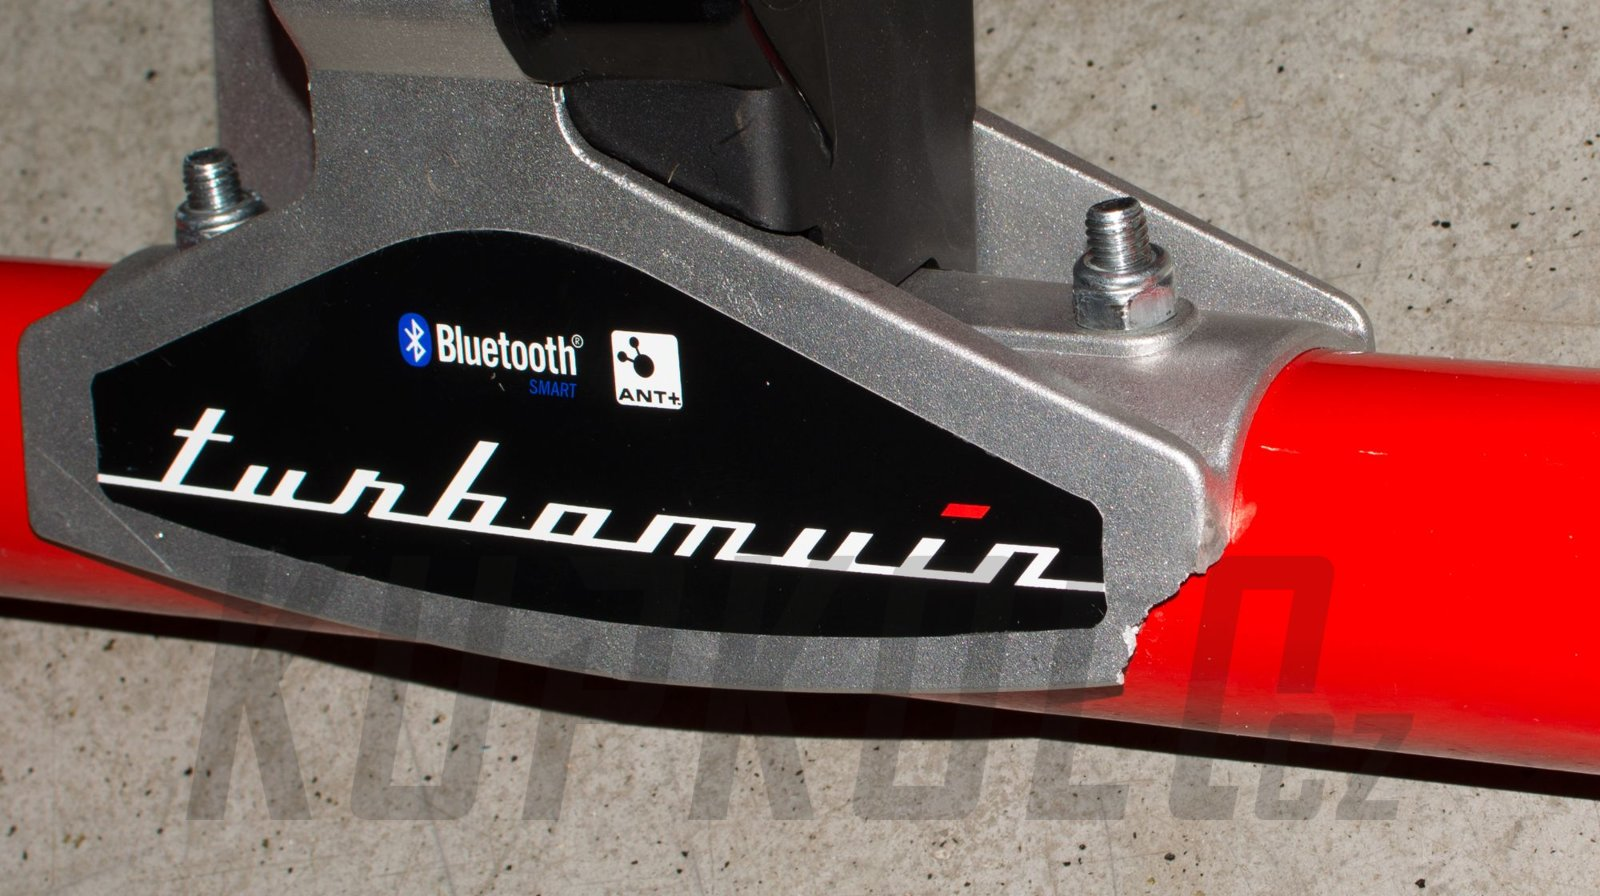 elite turbo muin smart b+ manual